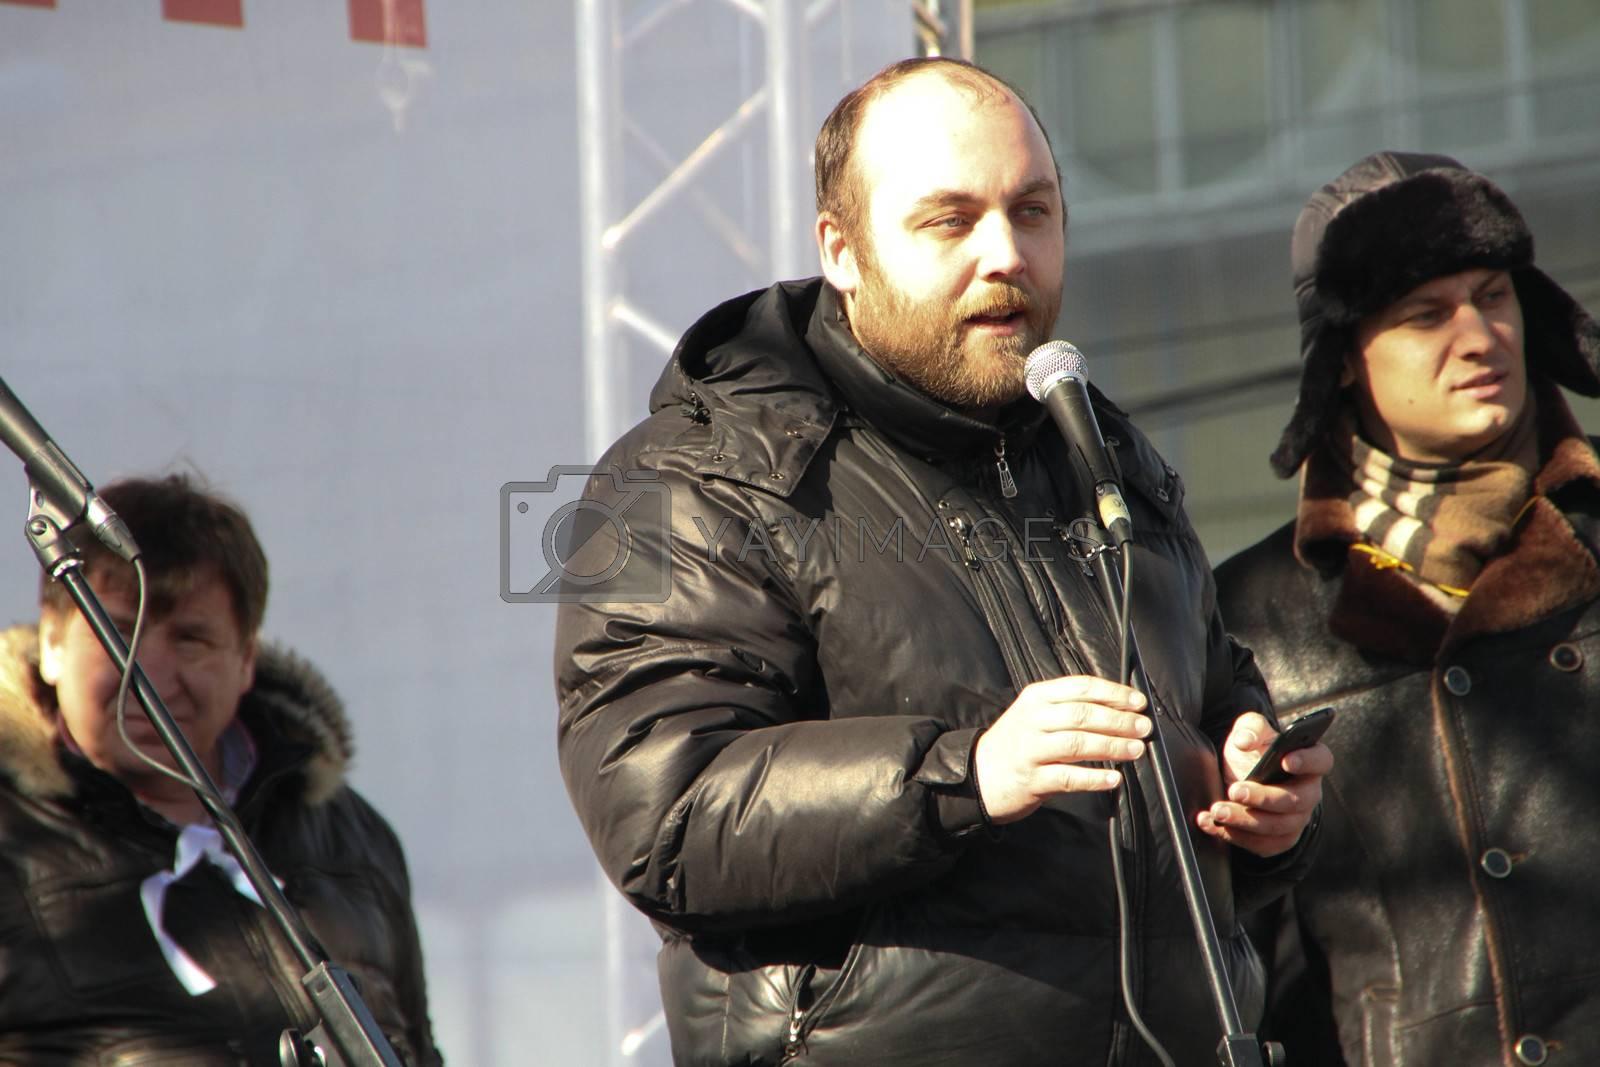 Civil activist Peter Shkumatov by olegkozyrev